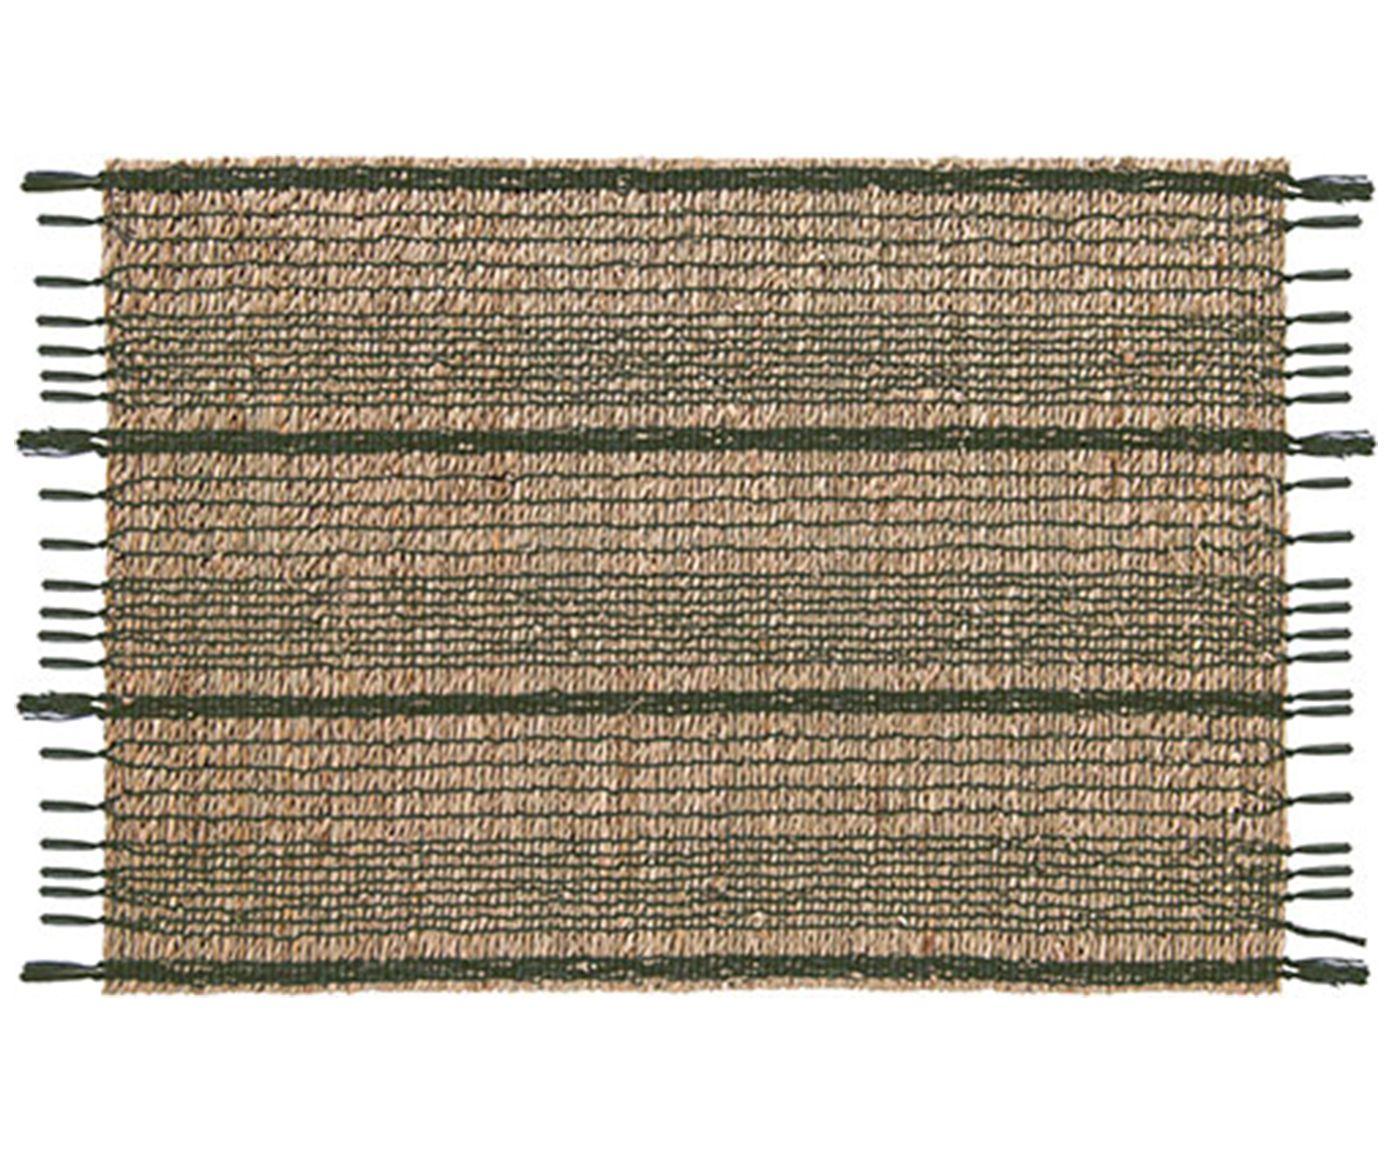 Lugar Americano Listras Olive - 33X48cm | Westwing.com.br